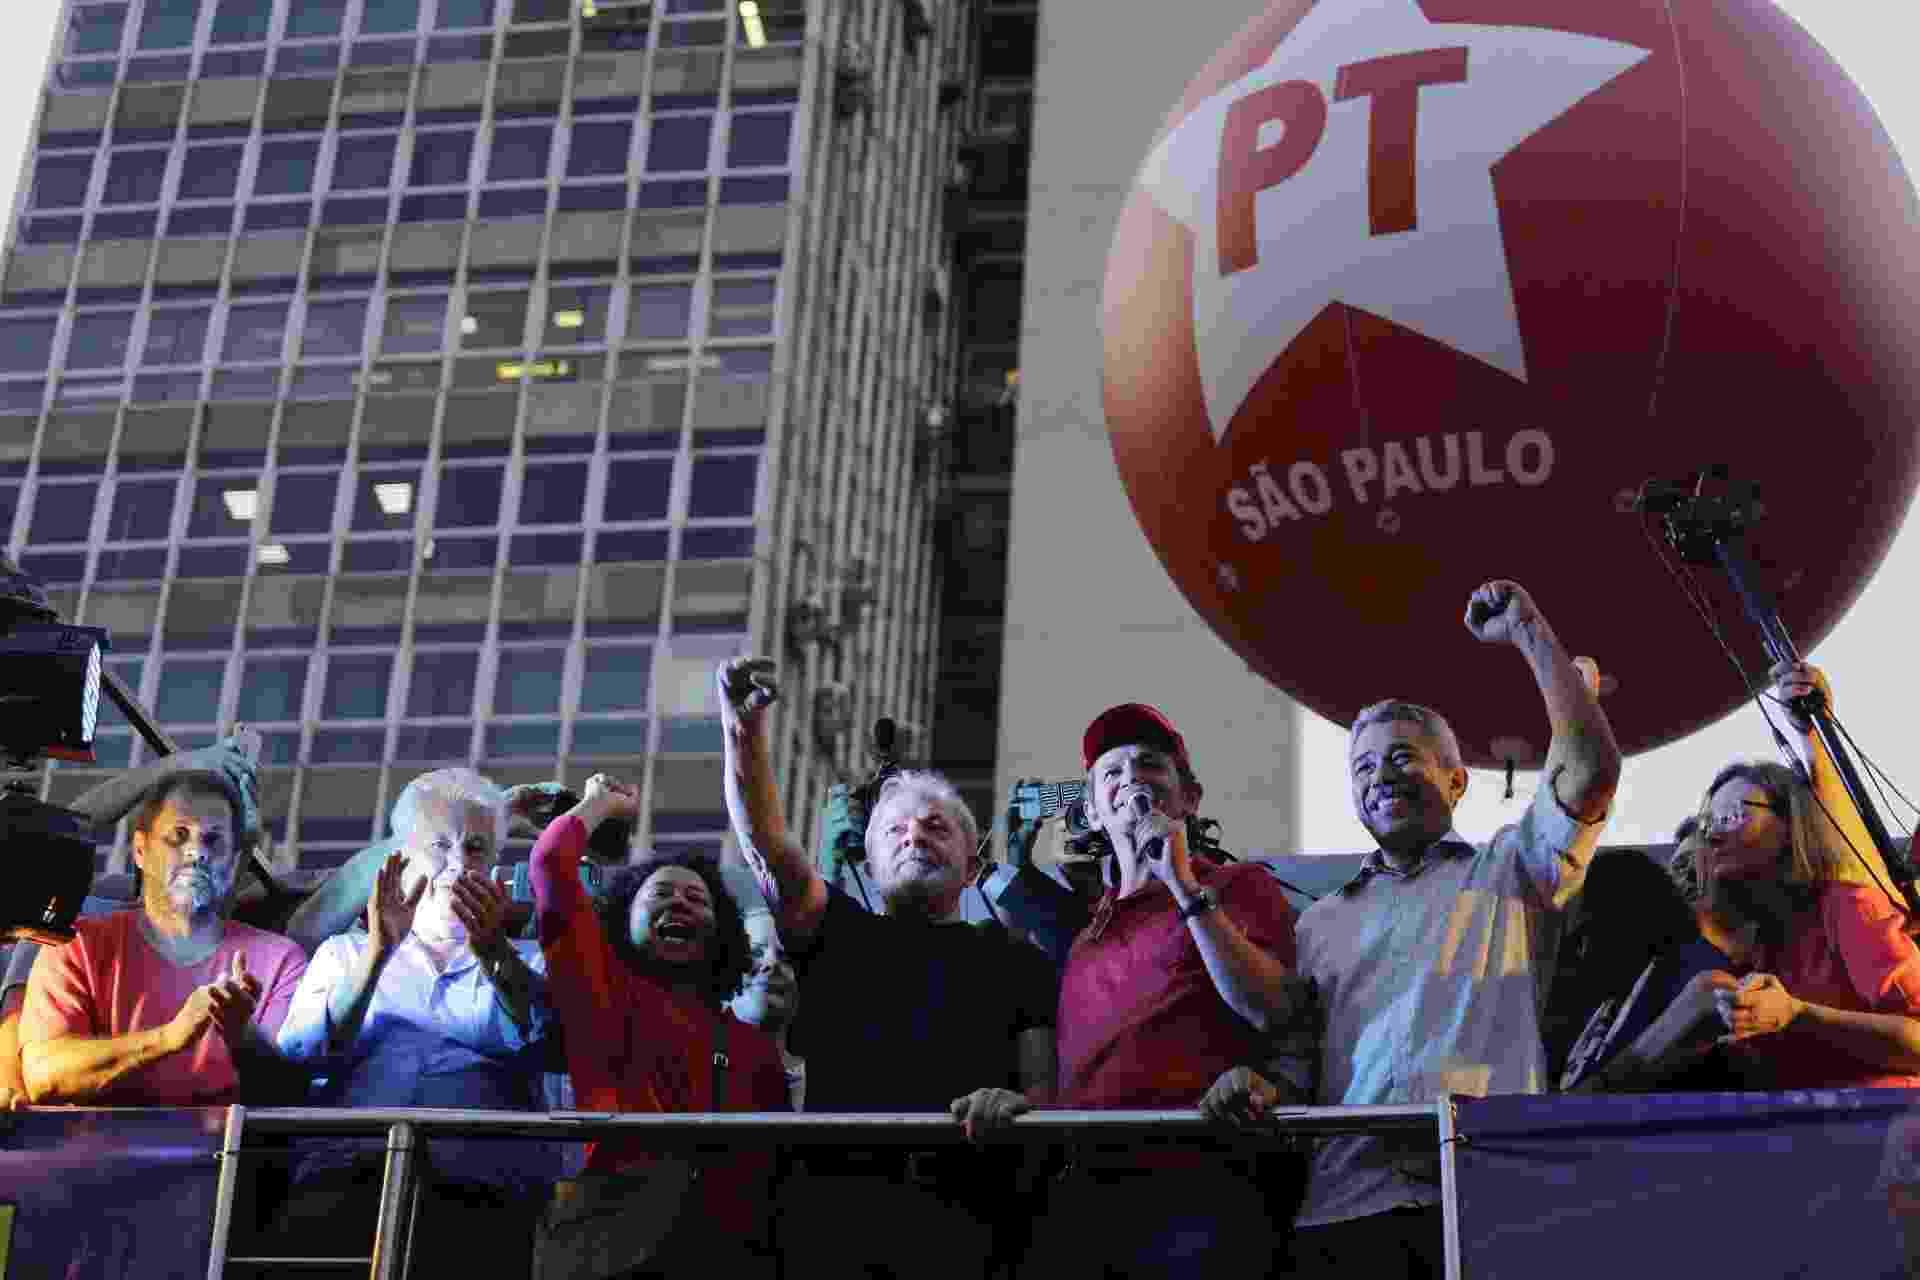 Após confirmada sua condenação, ex presidente Lula participa de ato promovido pela CUT na Praça da República em São Paulo - Nelson Antoine/UOL